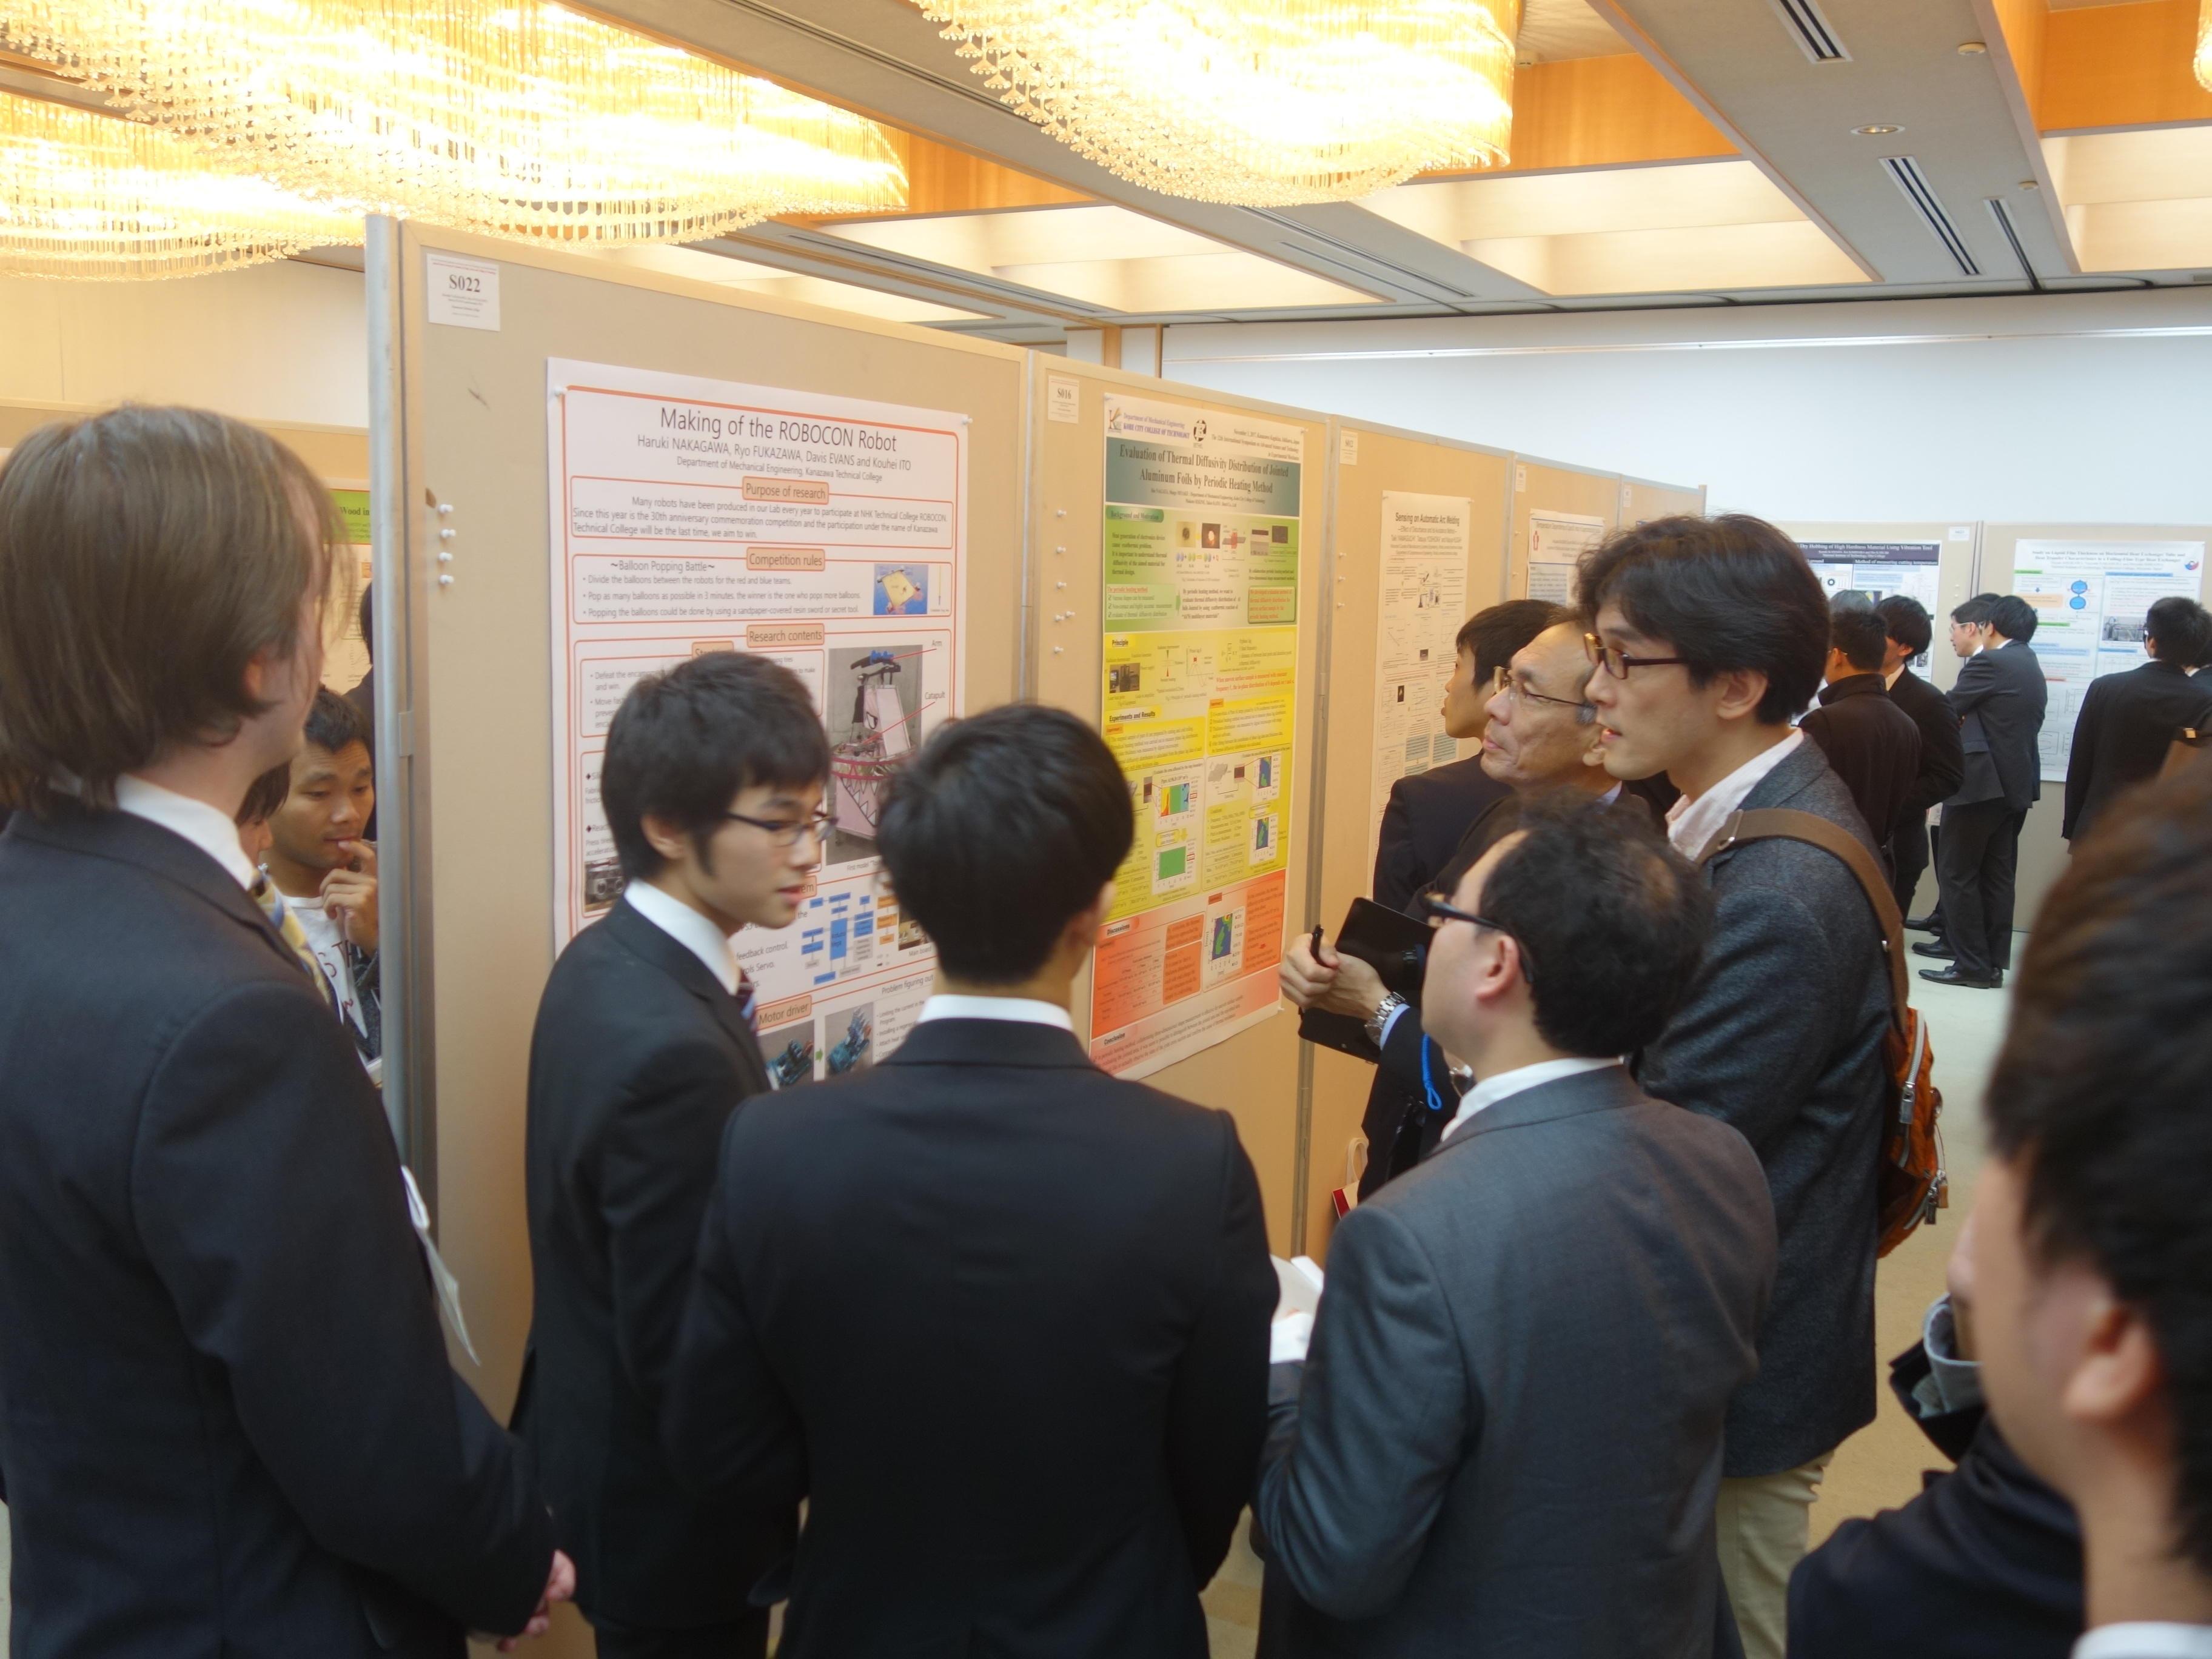 日本実験力学会(JSEM)主催の先端科学技術に関する国際シンポジウムの英語でのポスターセッションにて金沢高専生が最優秀賞を受賞